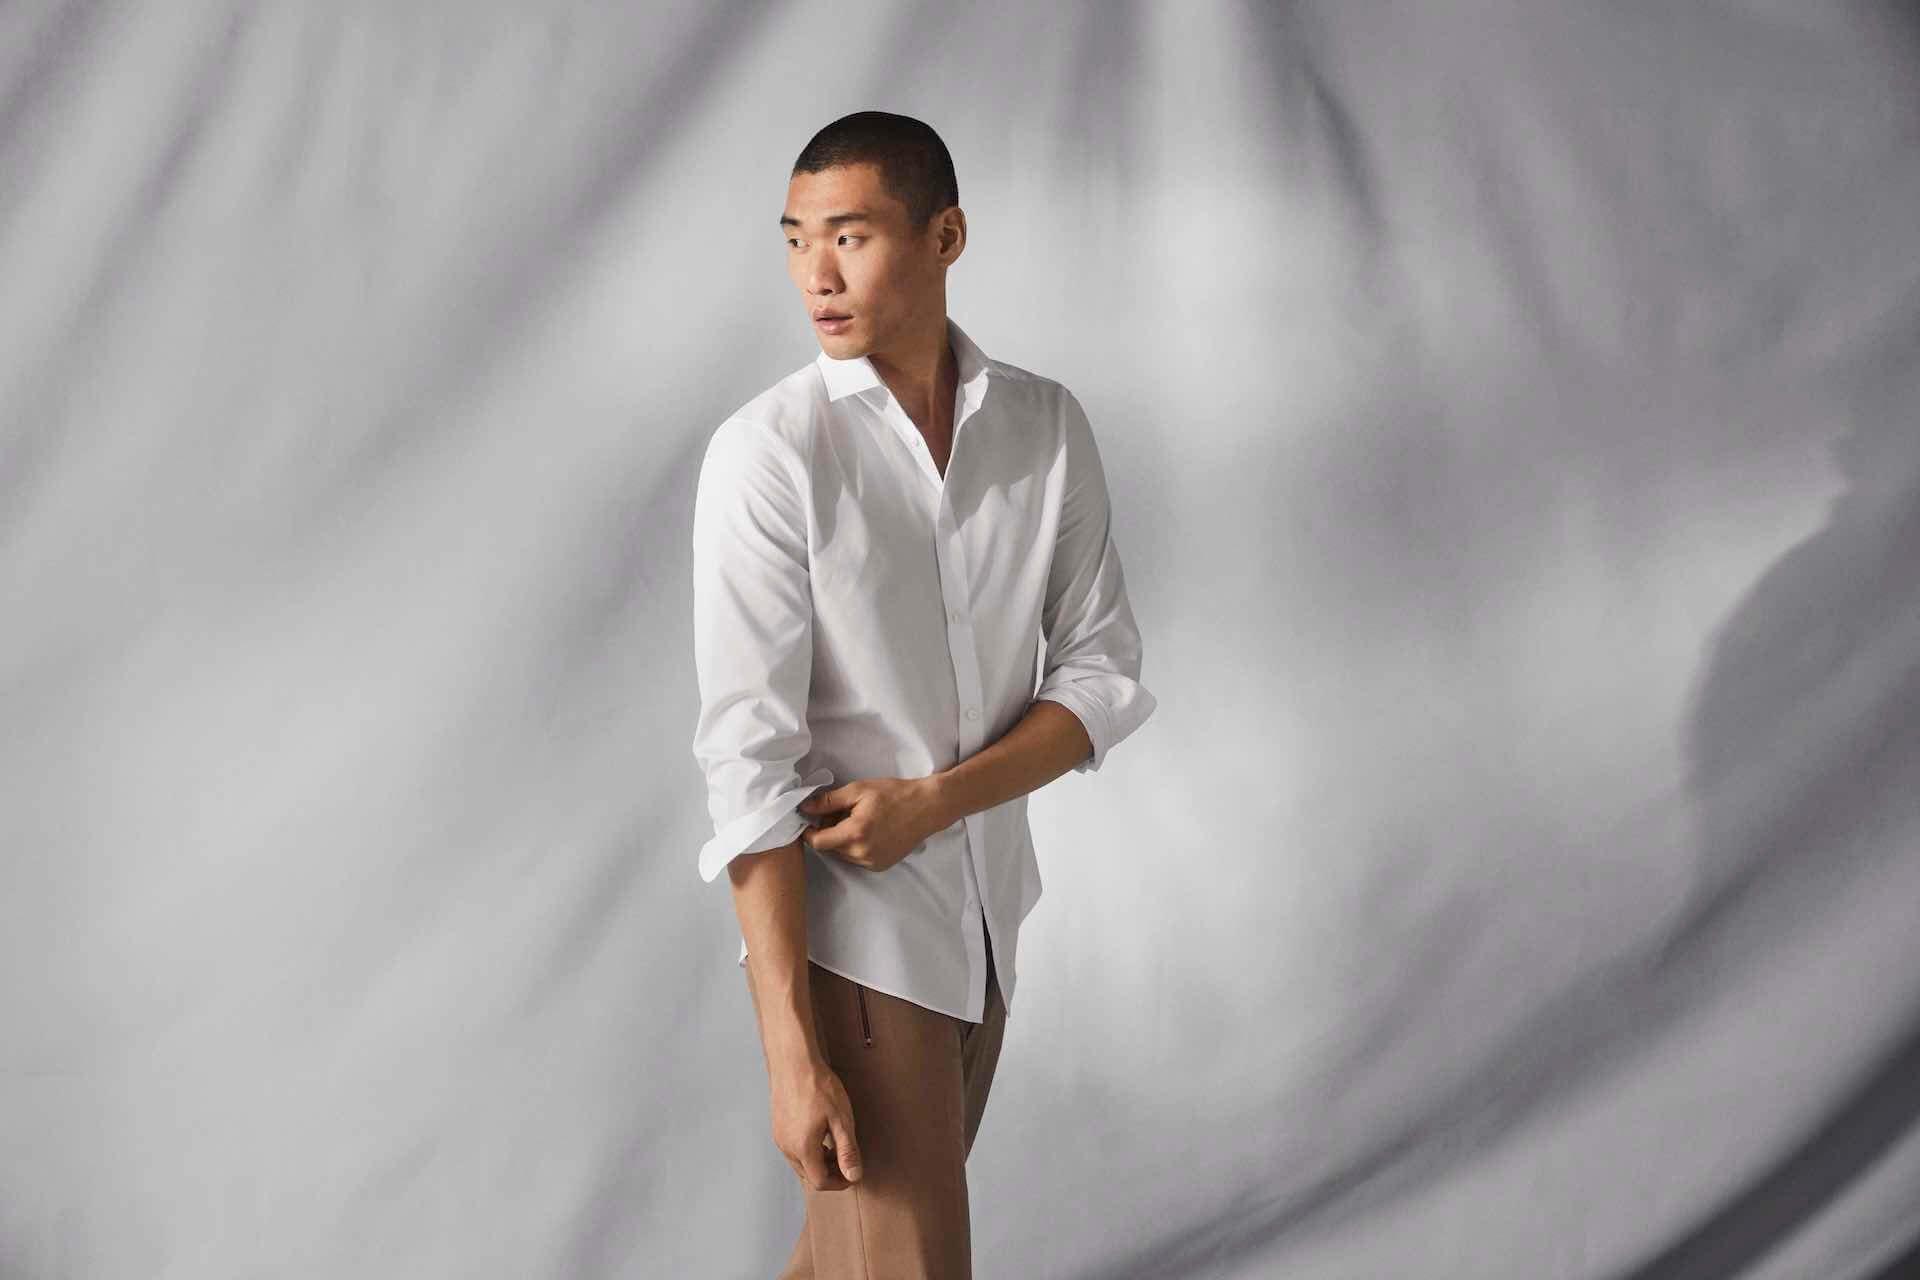 H&Mメンズから、新ファブリック・COOLMAX®︎搭載の最新夏コレクションが登場!暑さ対策に最適なTシャツなど全35型 lf200617_hm_men_19-1920x1280